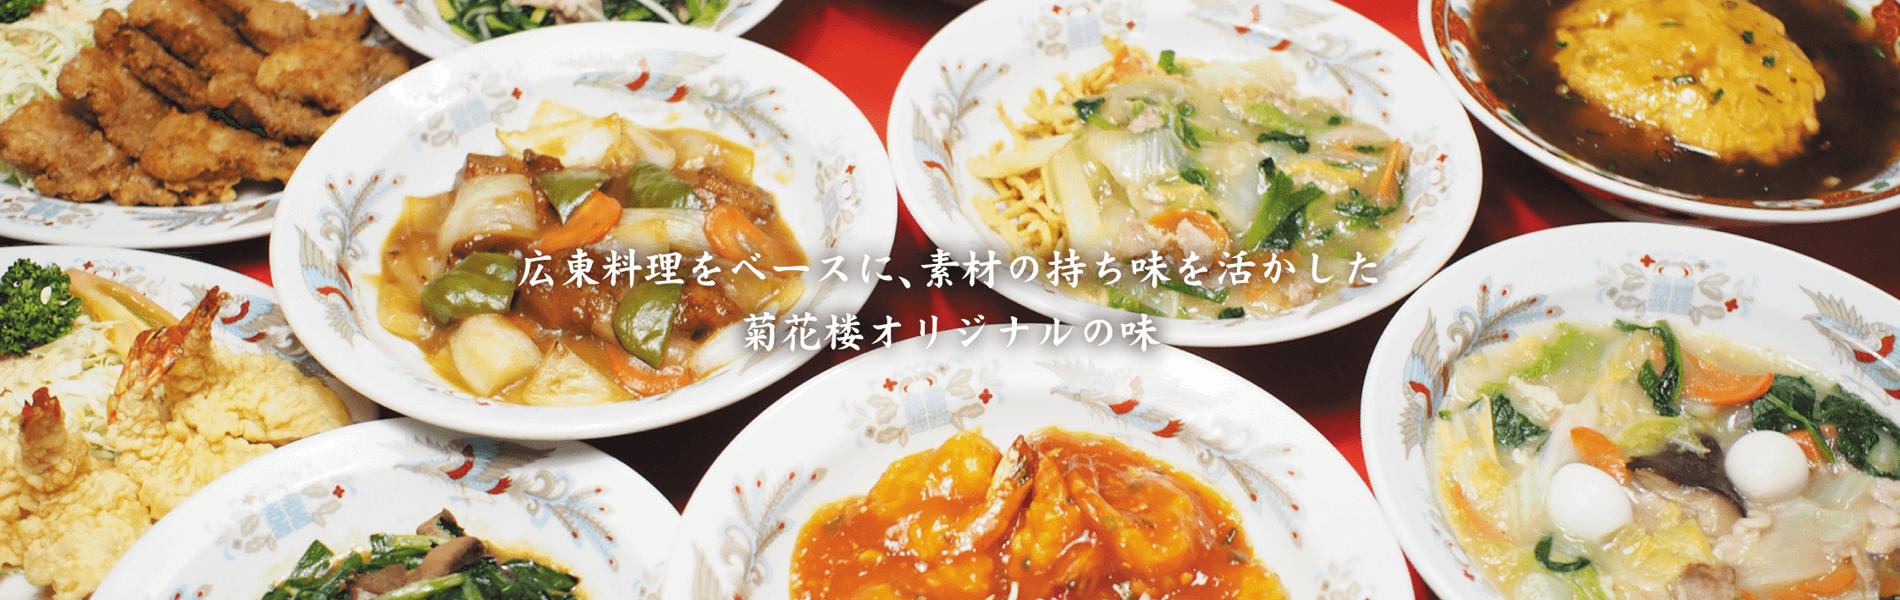 広東料理をベースに素材の持ち味を活かした菊花楼オリジナルの味